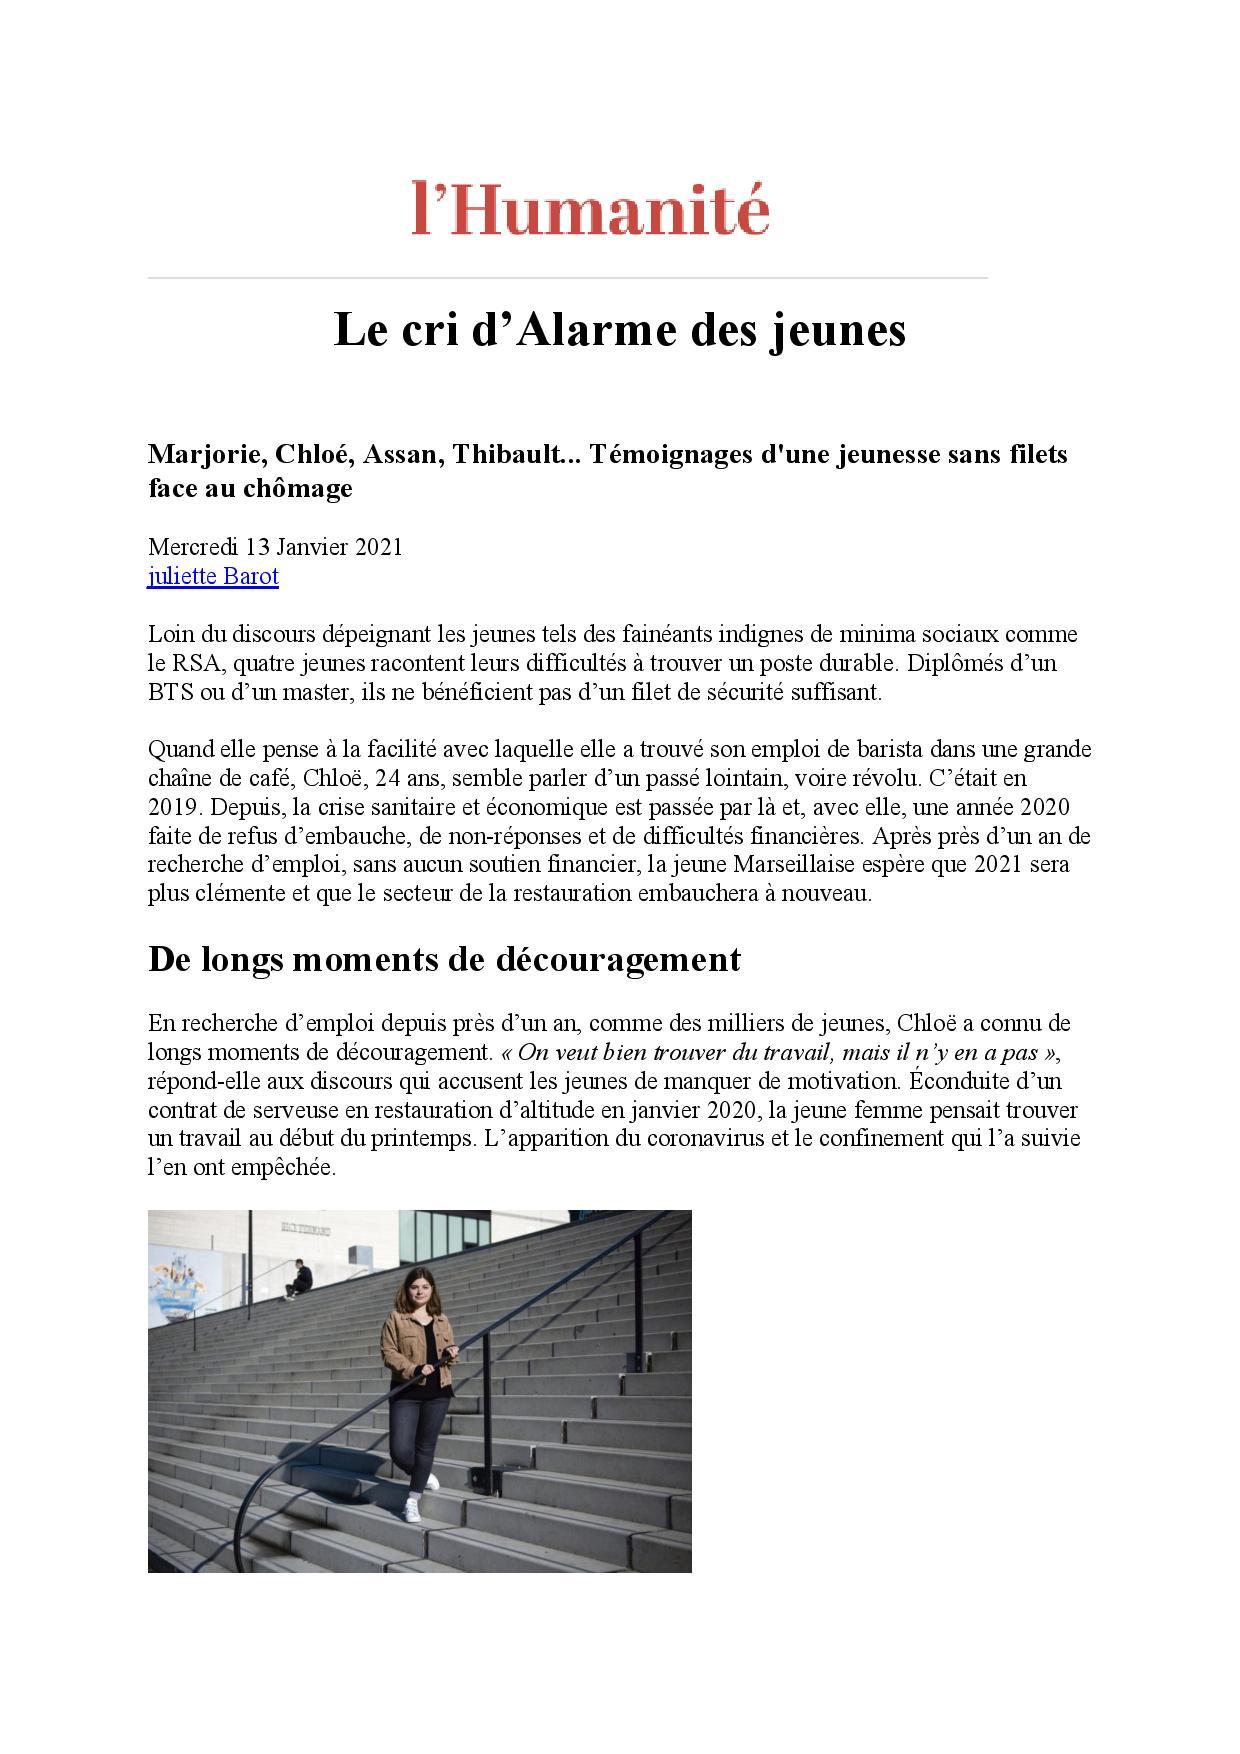 Le_cri_d_alarme_des_jeunes-page-001.jpg